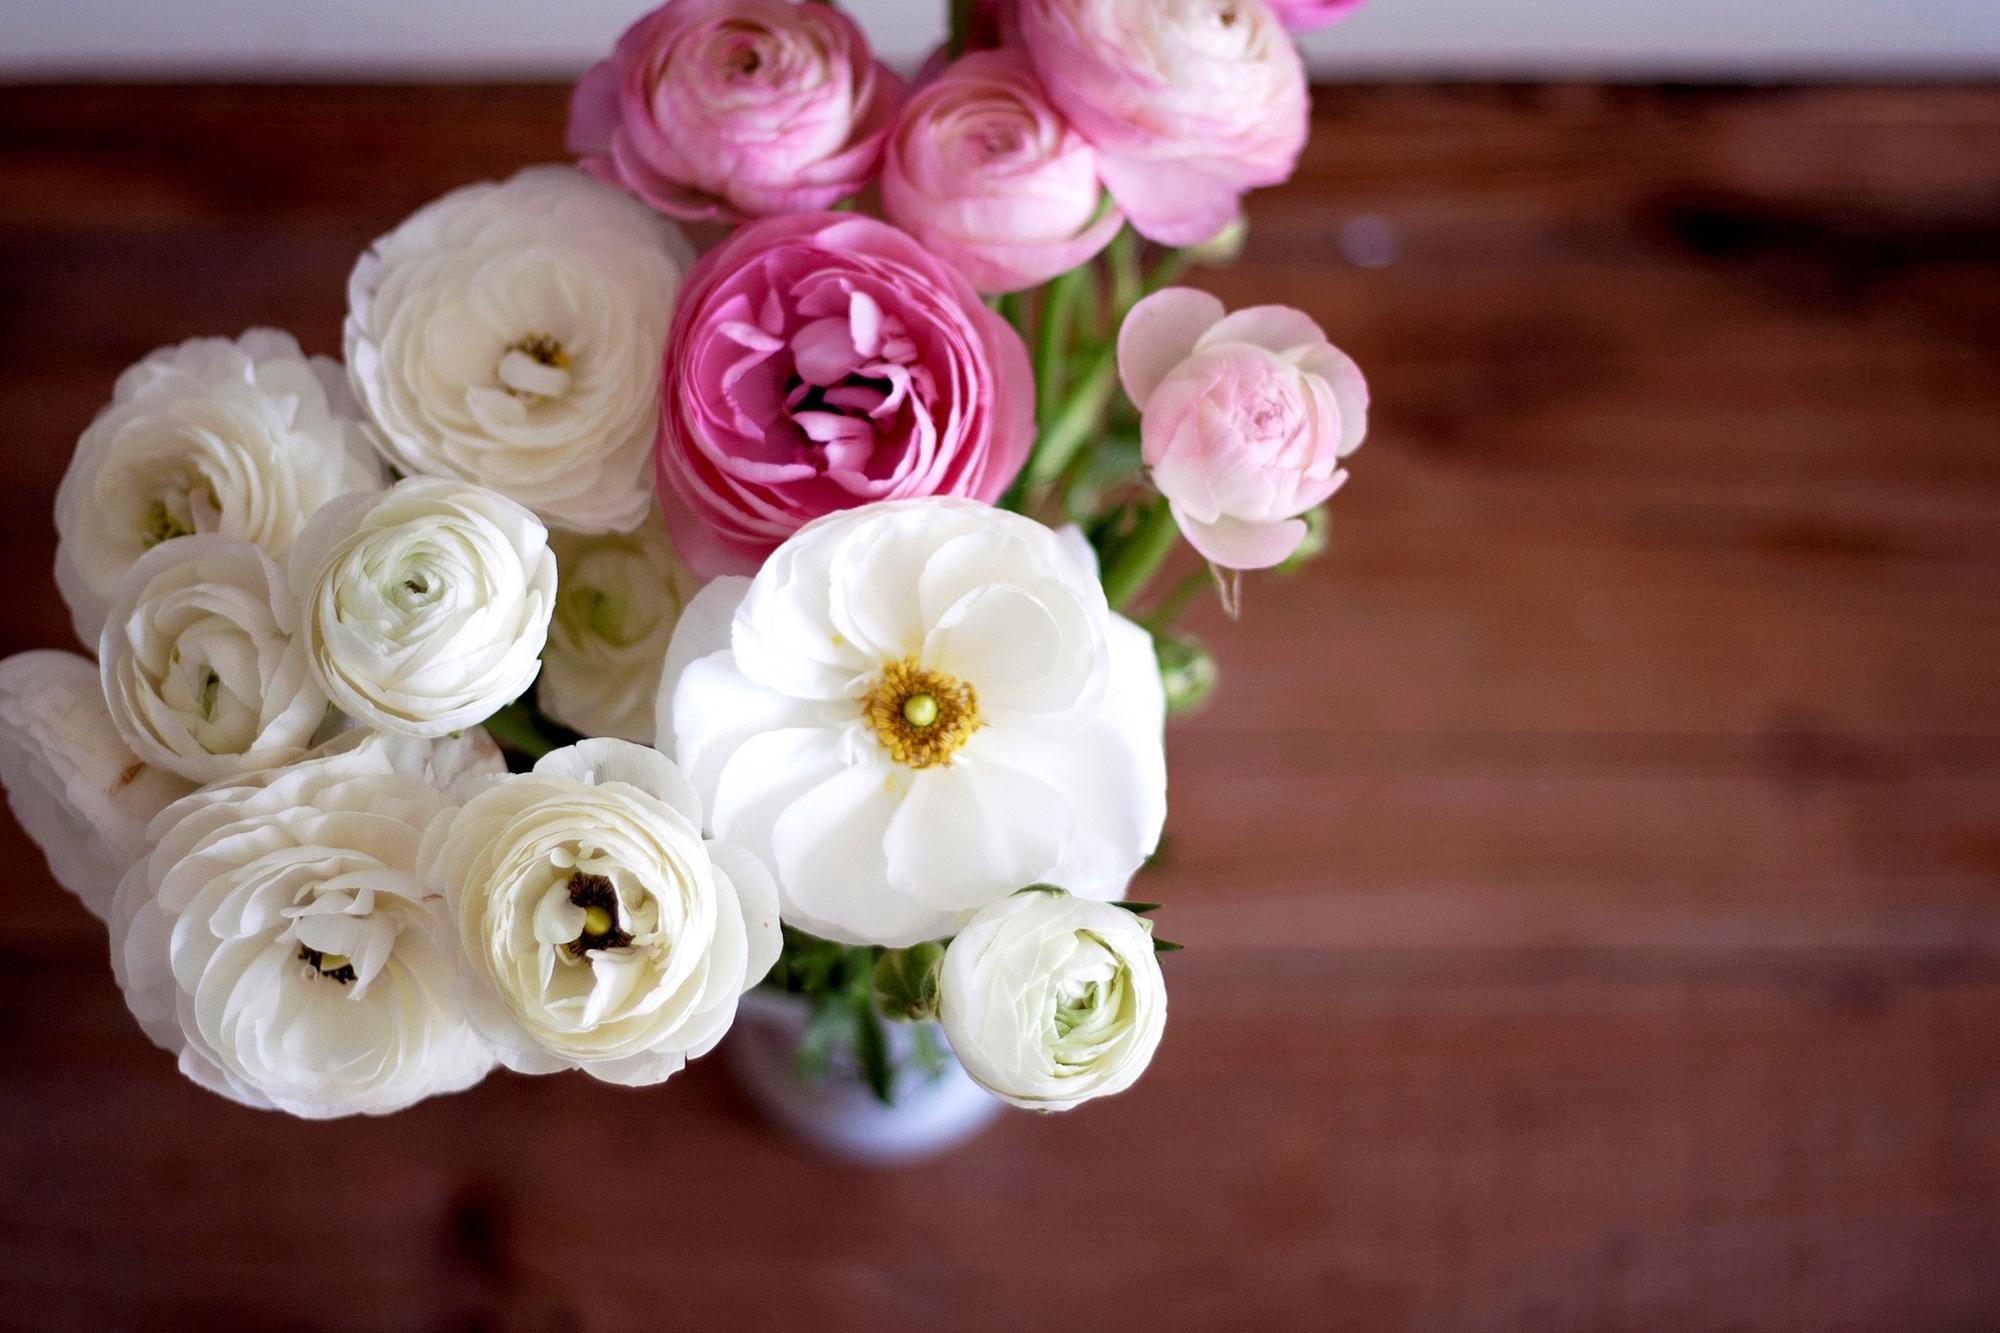 многие фото цветов лютики в высоком качестве разнообразие